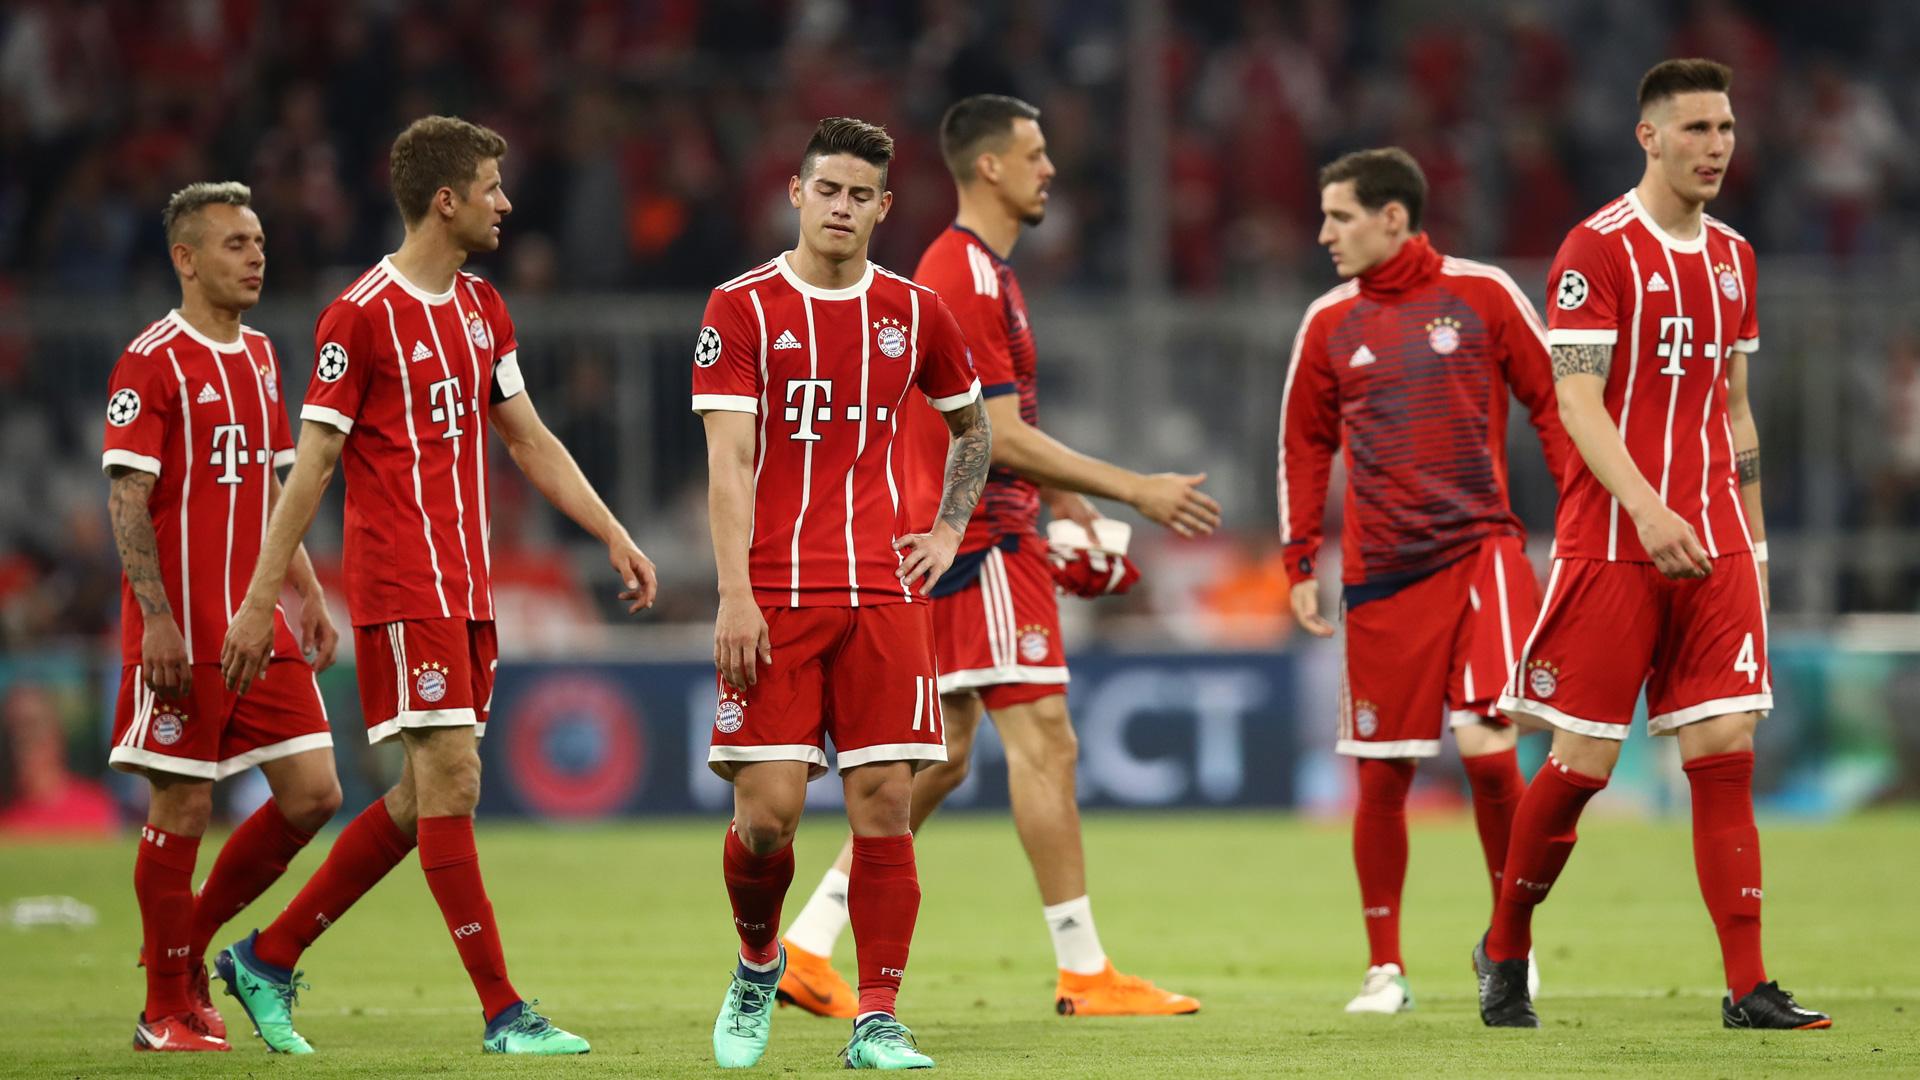 So sieht das neue Trikot des FC Bayern aus